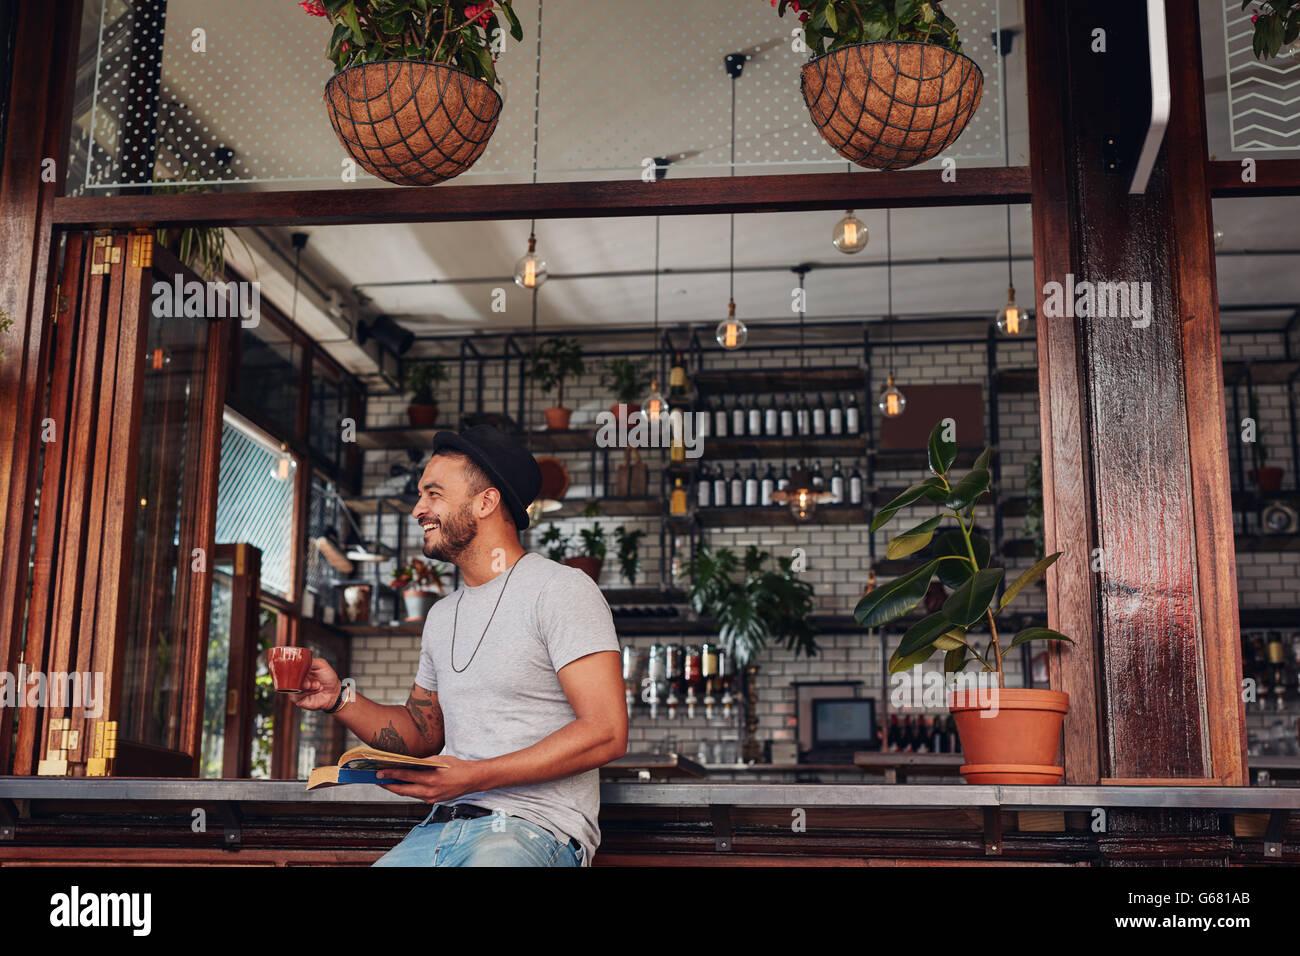 Glücklich Jüngling, trinken Kaffee und Buch in einem Café. Junger Mann bei einer Tasse Kaffee beim Stockbild